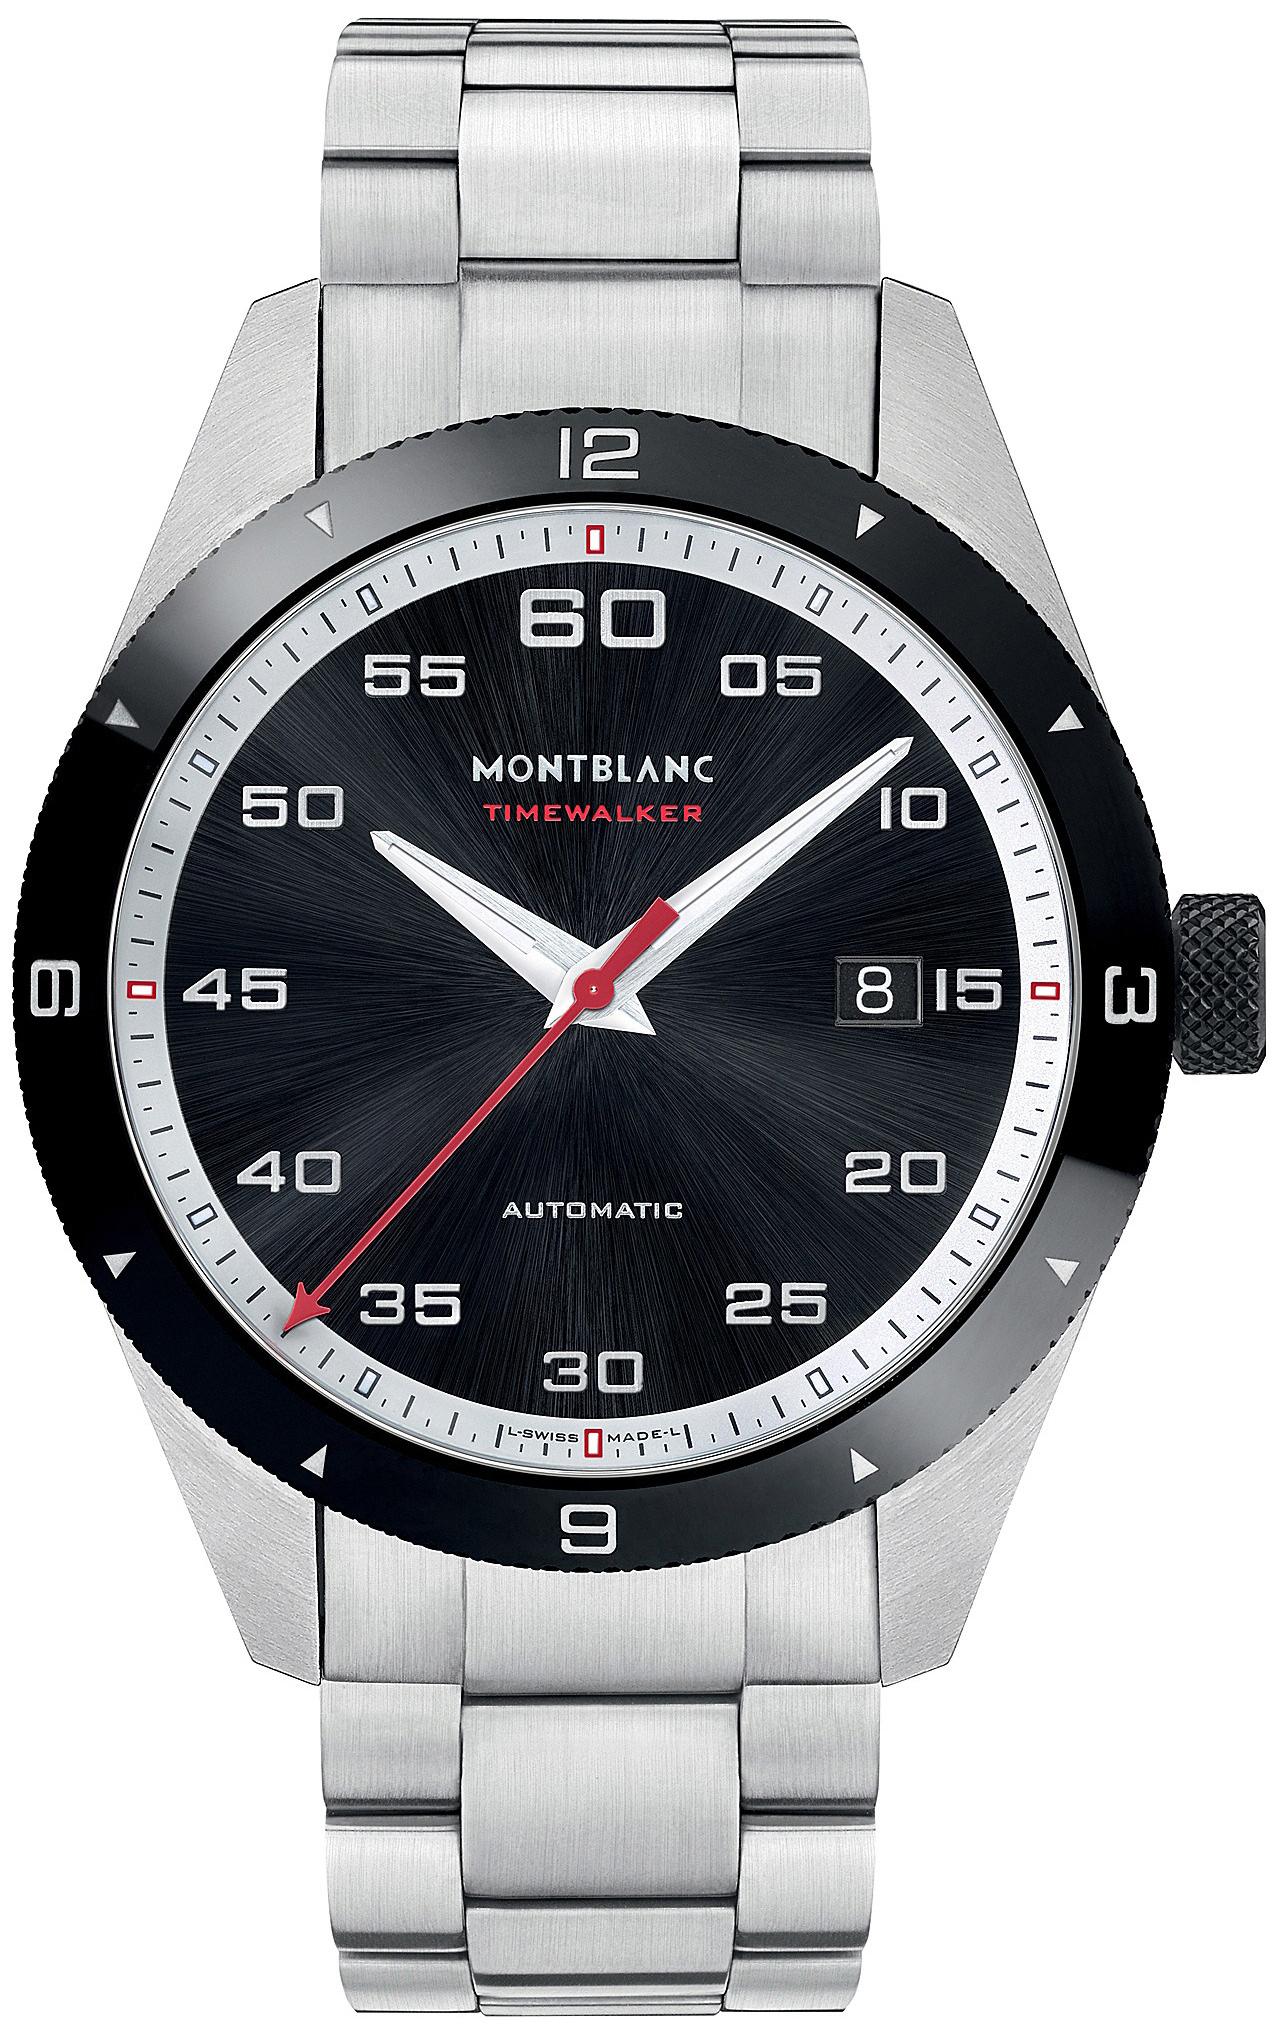 Montblanc Timewalker Herreklokke 116060 Sort/Stål Ø41 mm - Montblanc